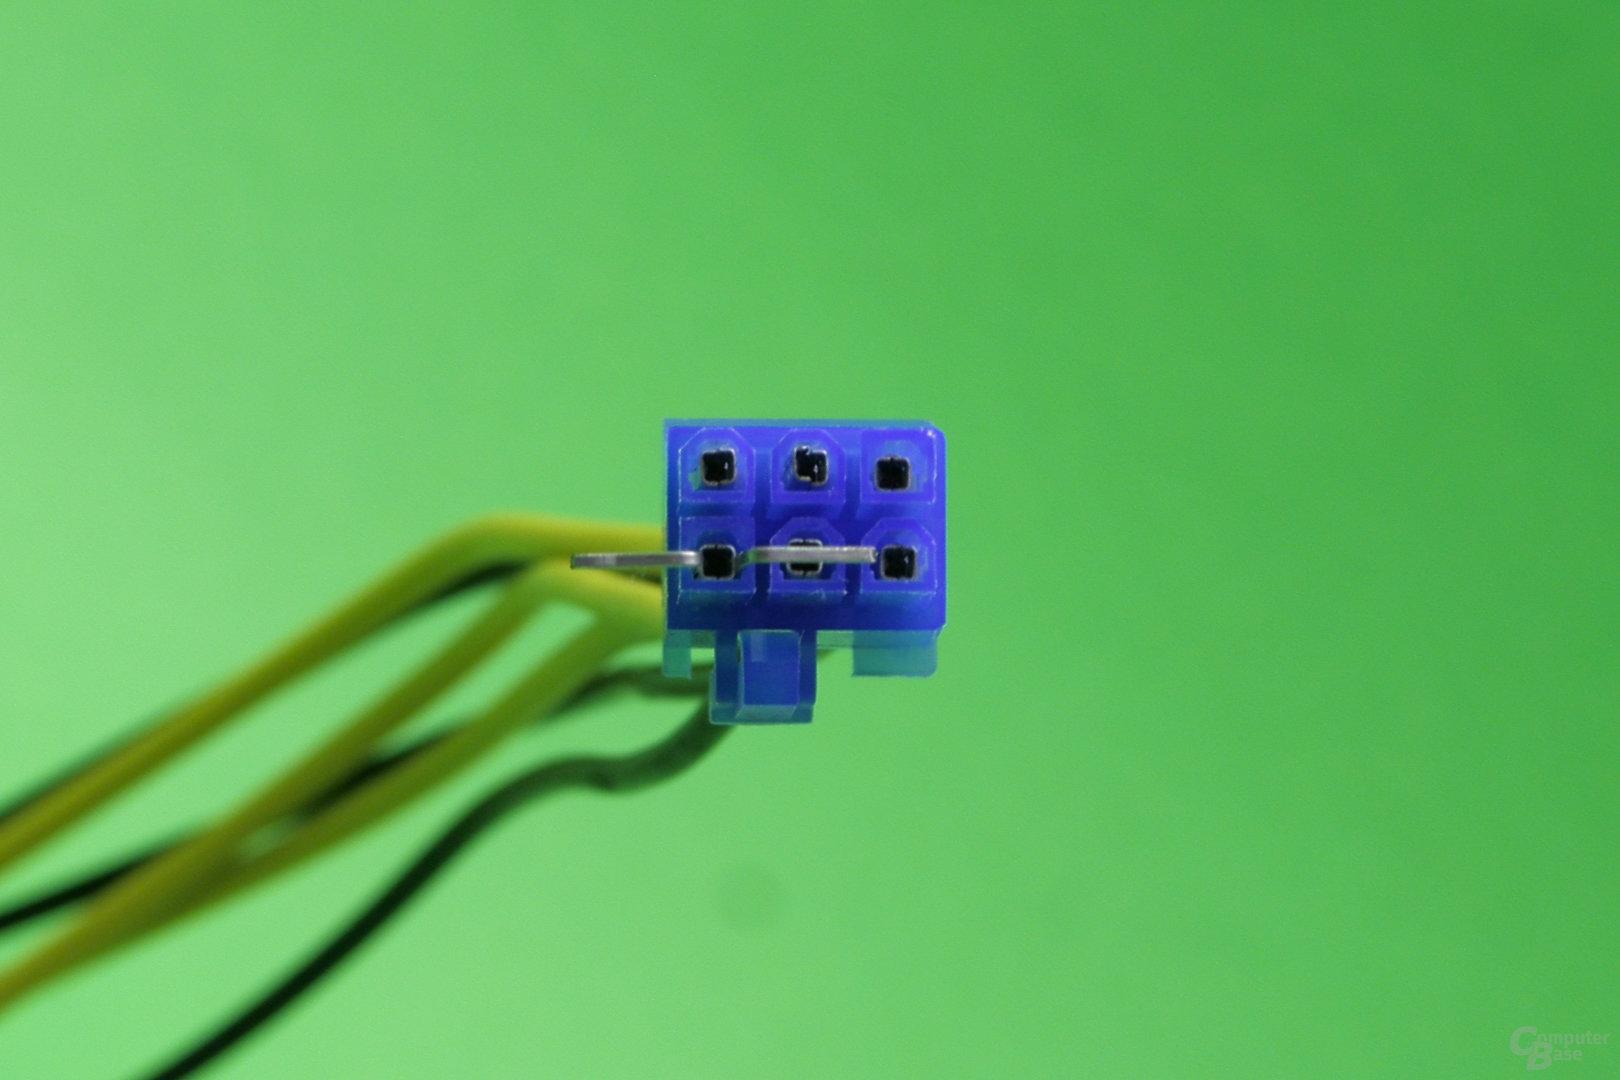 Pin-Entfernung: Tackerklammern werden zwischen Pin und Stecker eingeführt